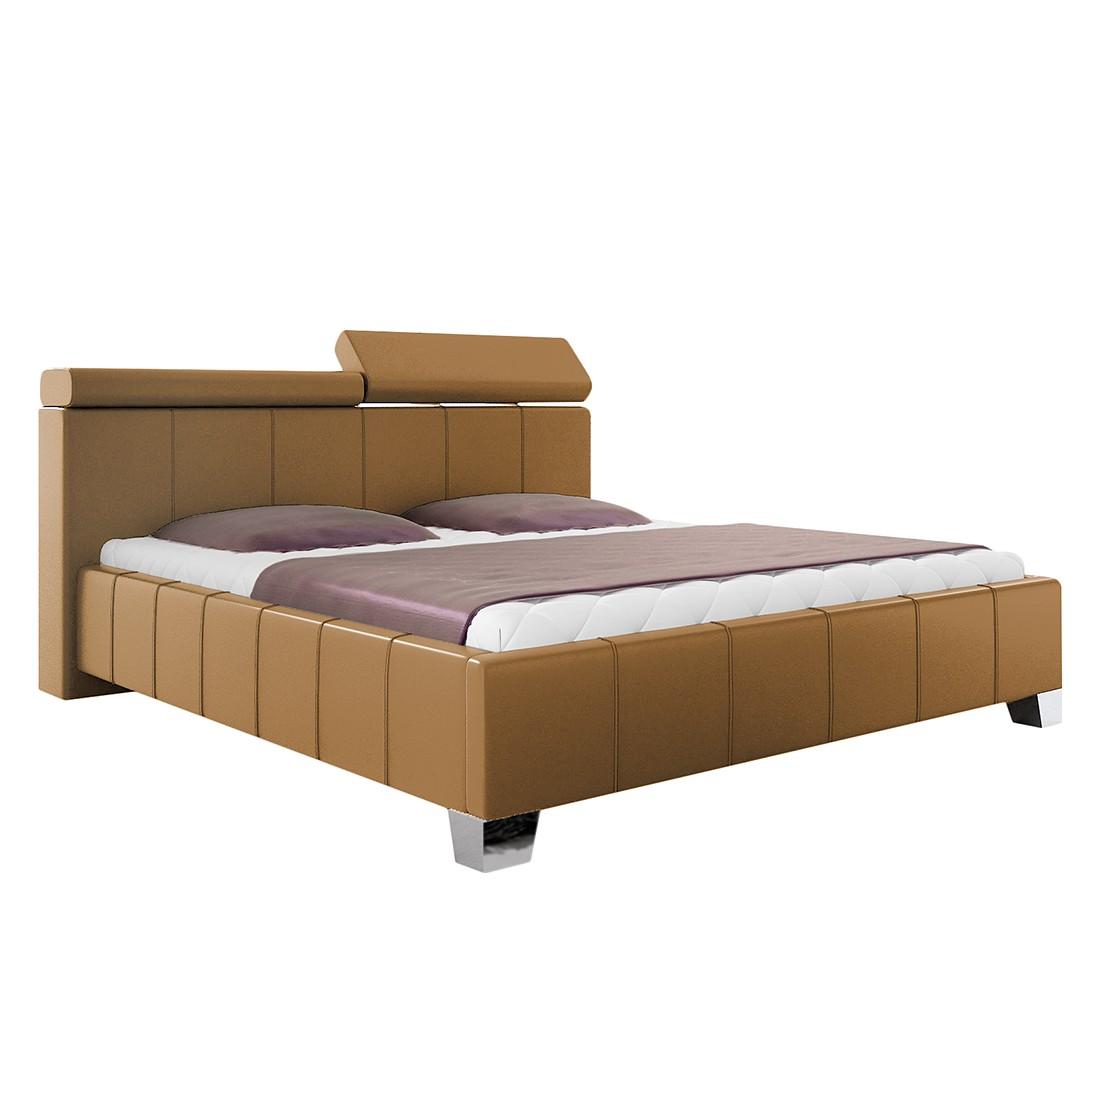 lattenrost 180 x 200 preisvergleich die besten angebote online kaufen. Black Bedroom Furniture Sets. Home Design Ideas